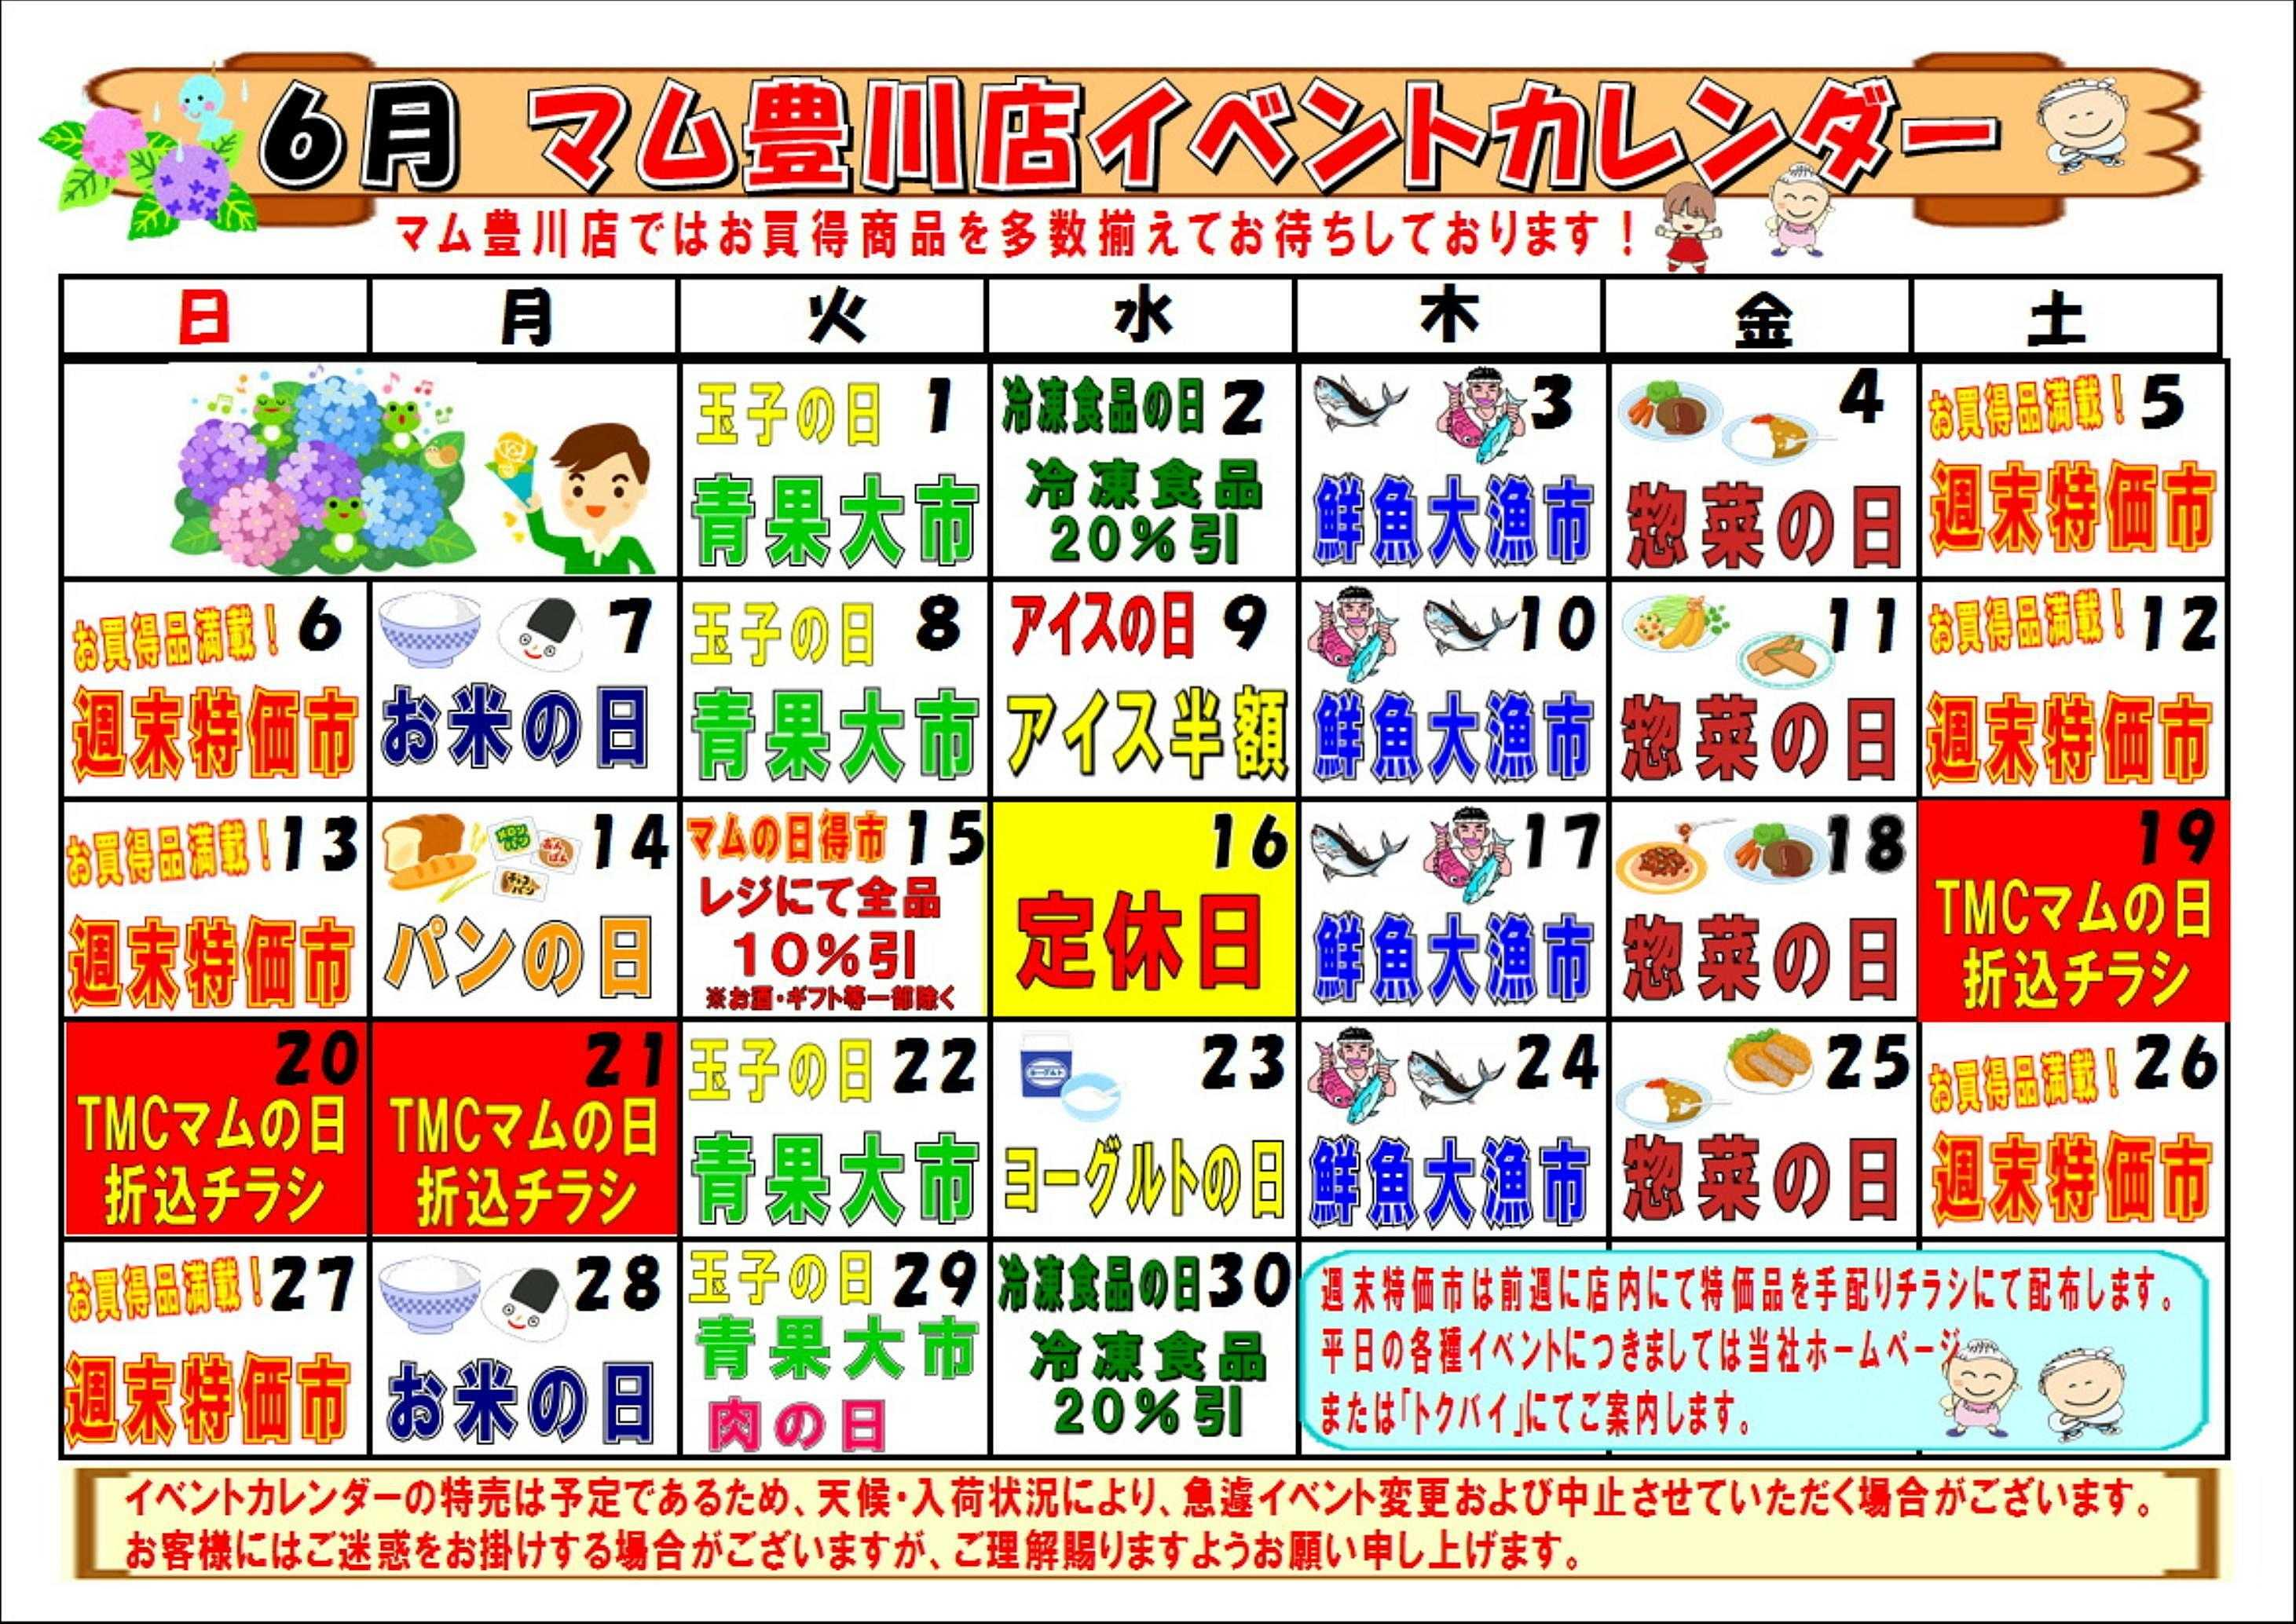 フードマーケット マム 豊川 イベントカレンダー